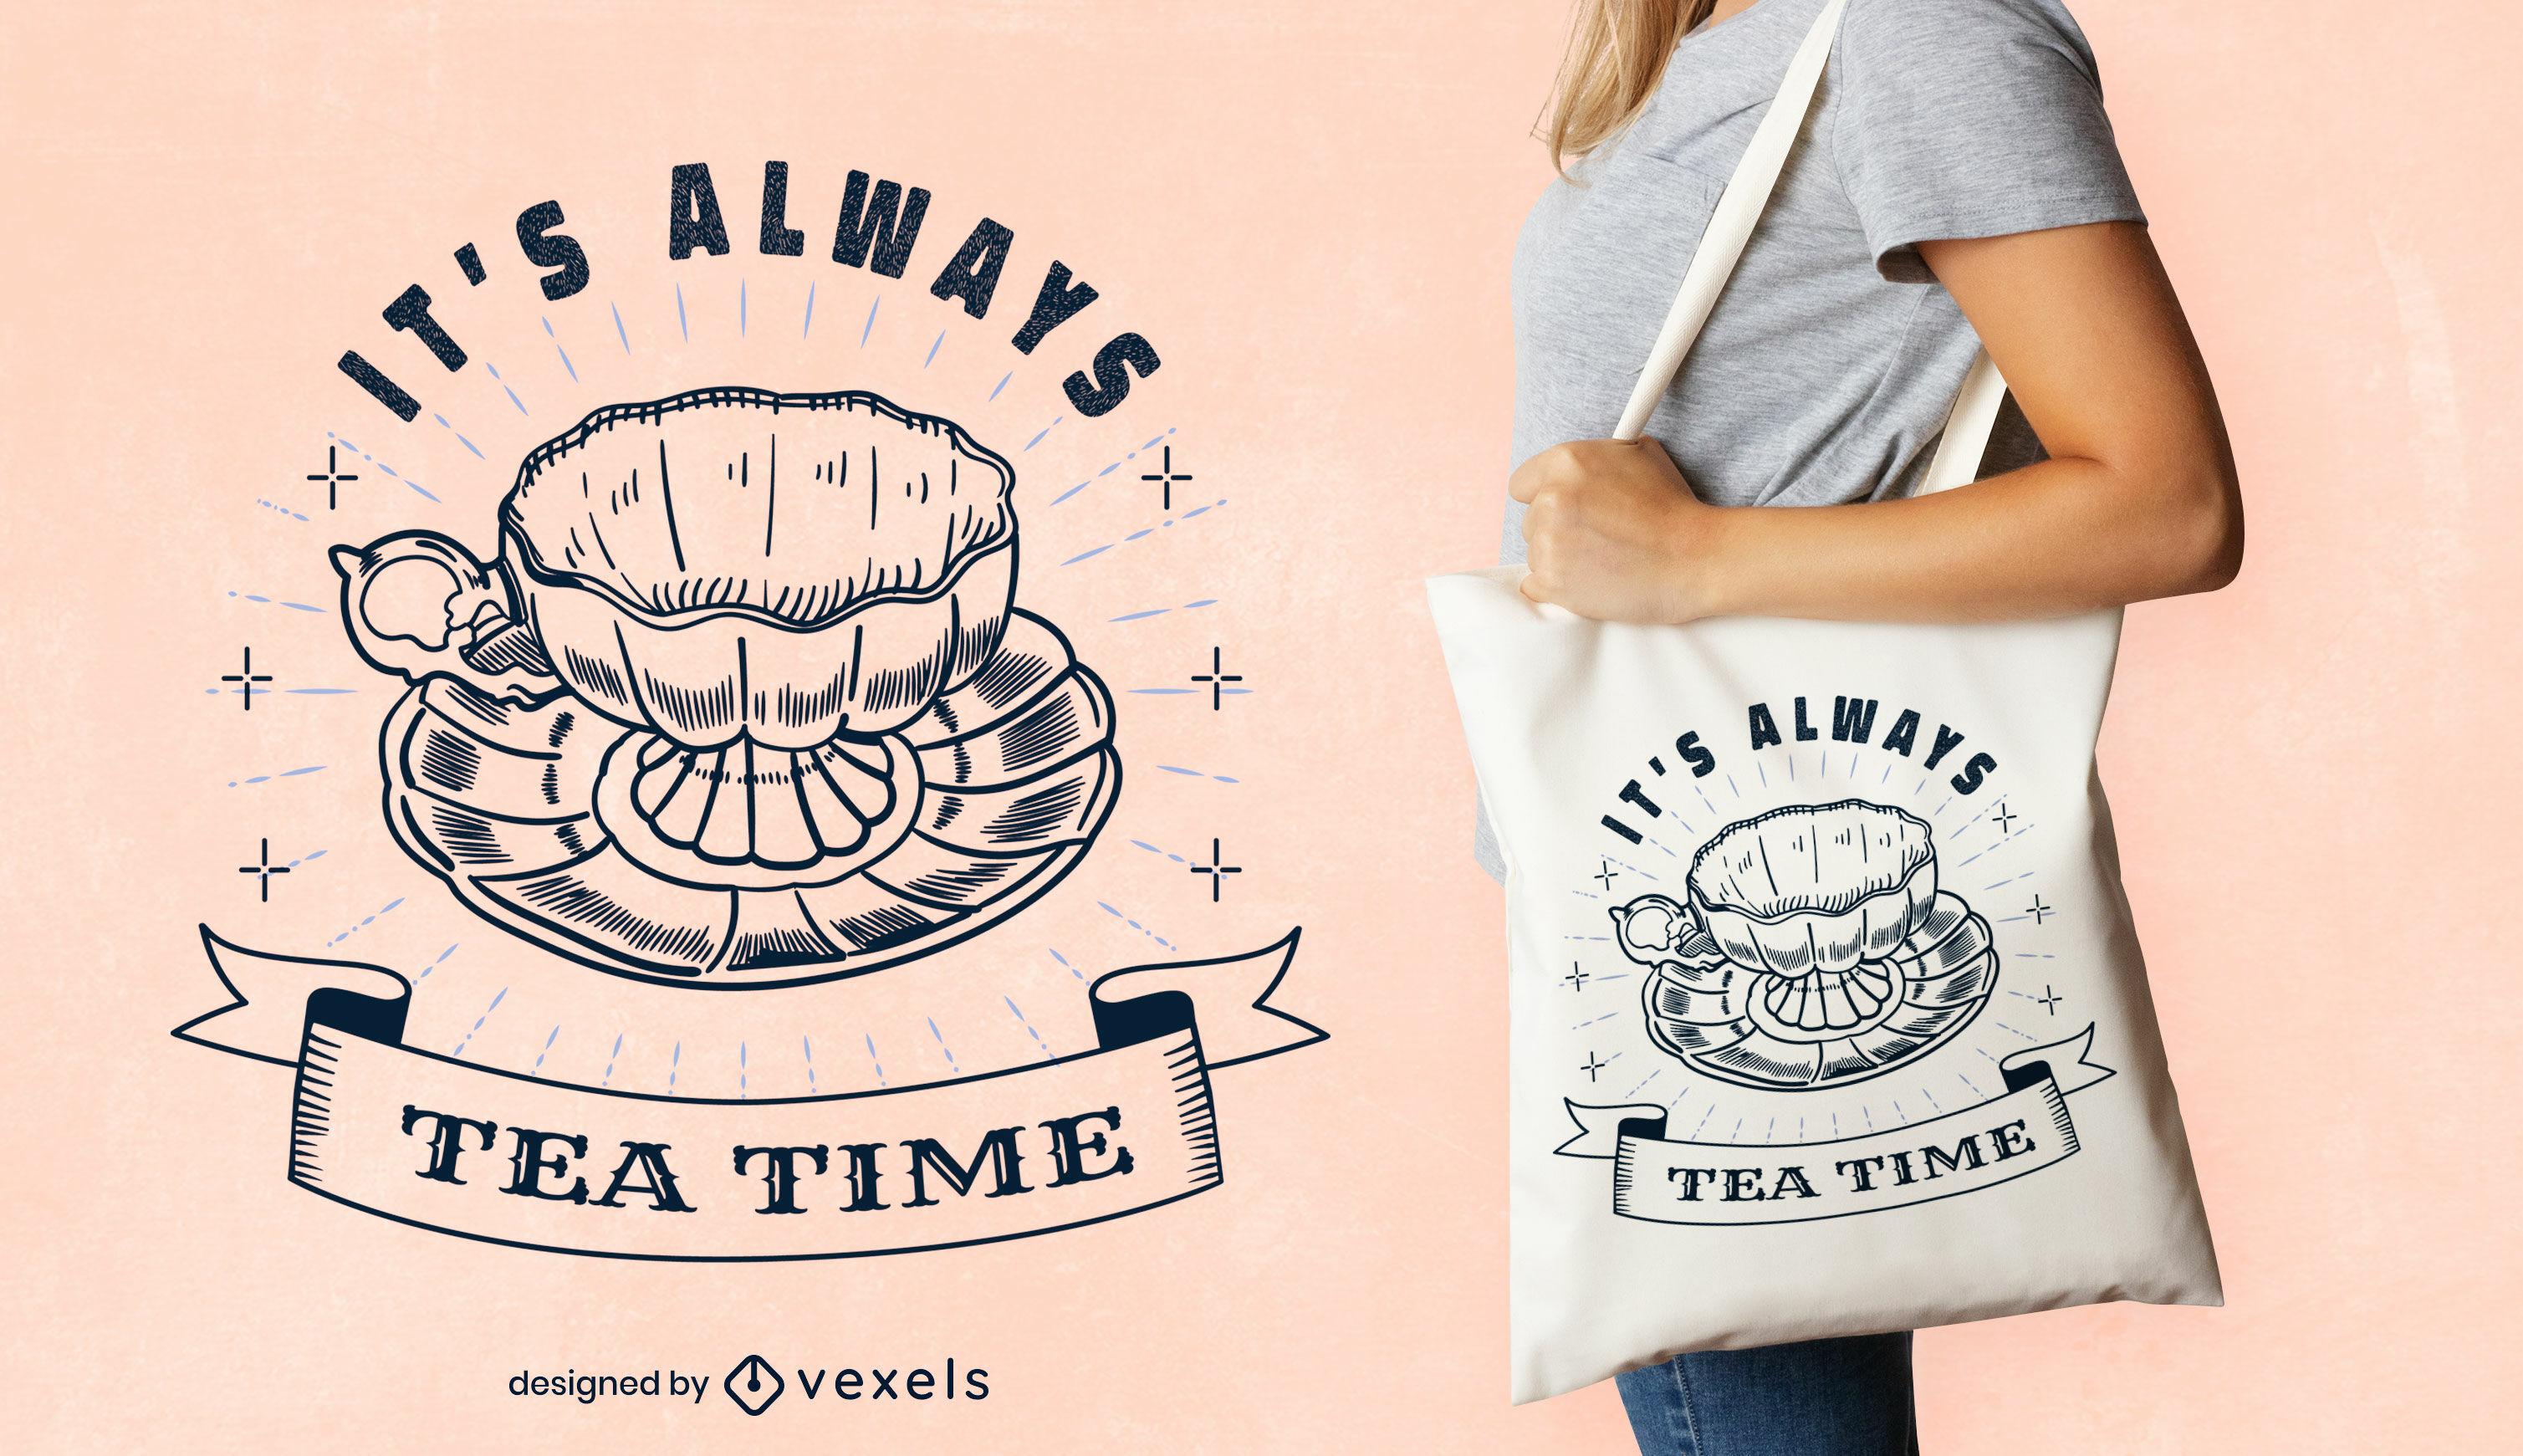 Tea time drink stroke tote bag design